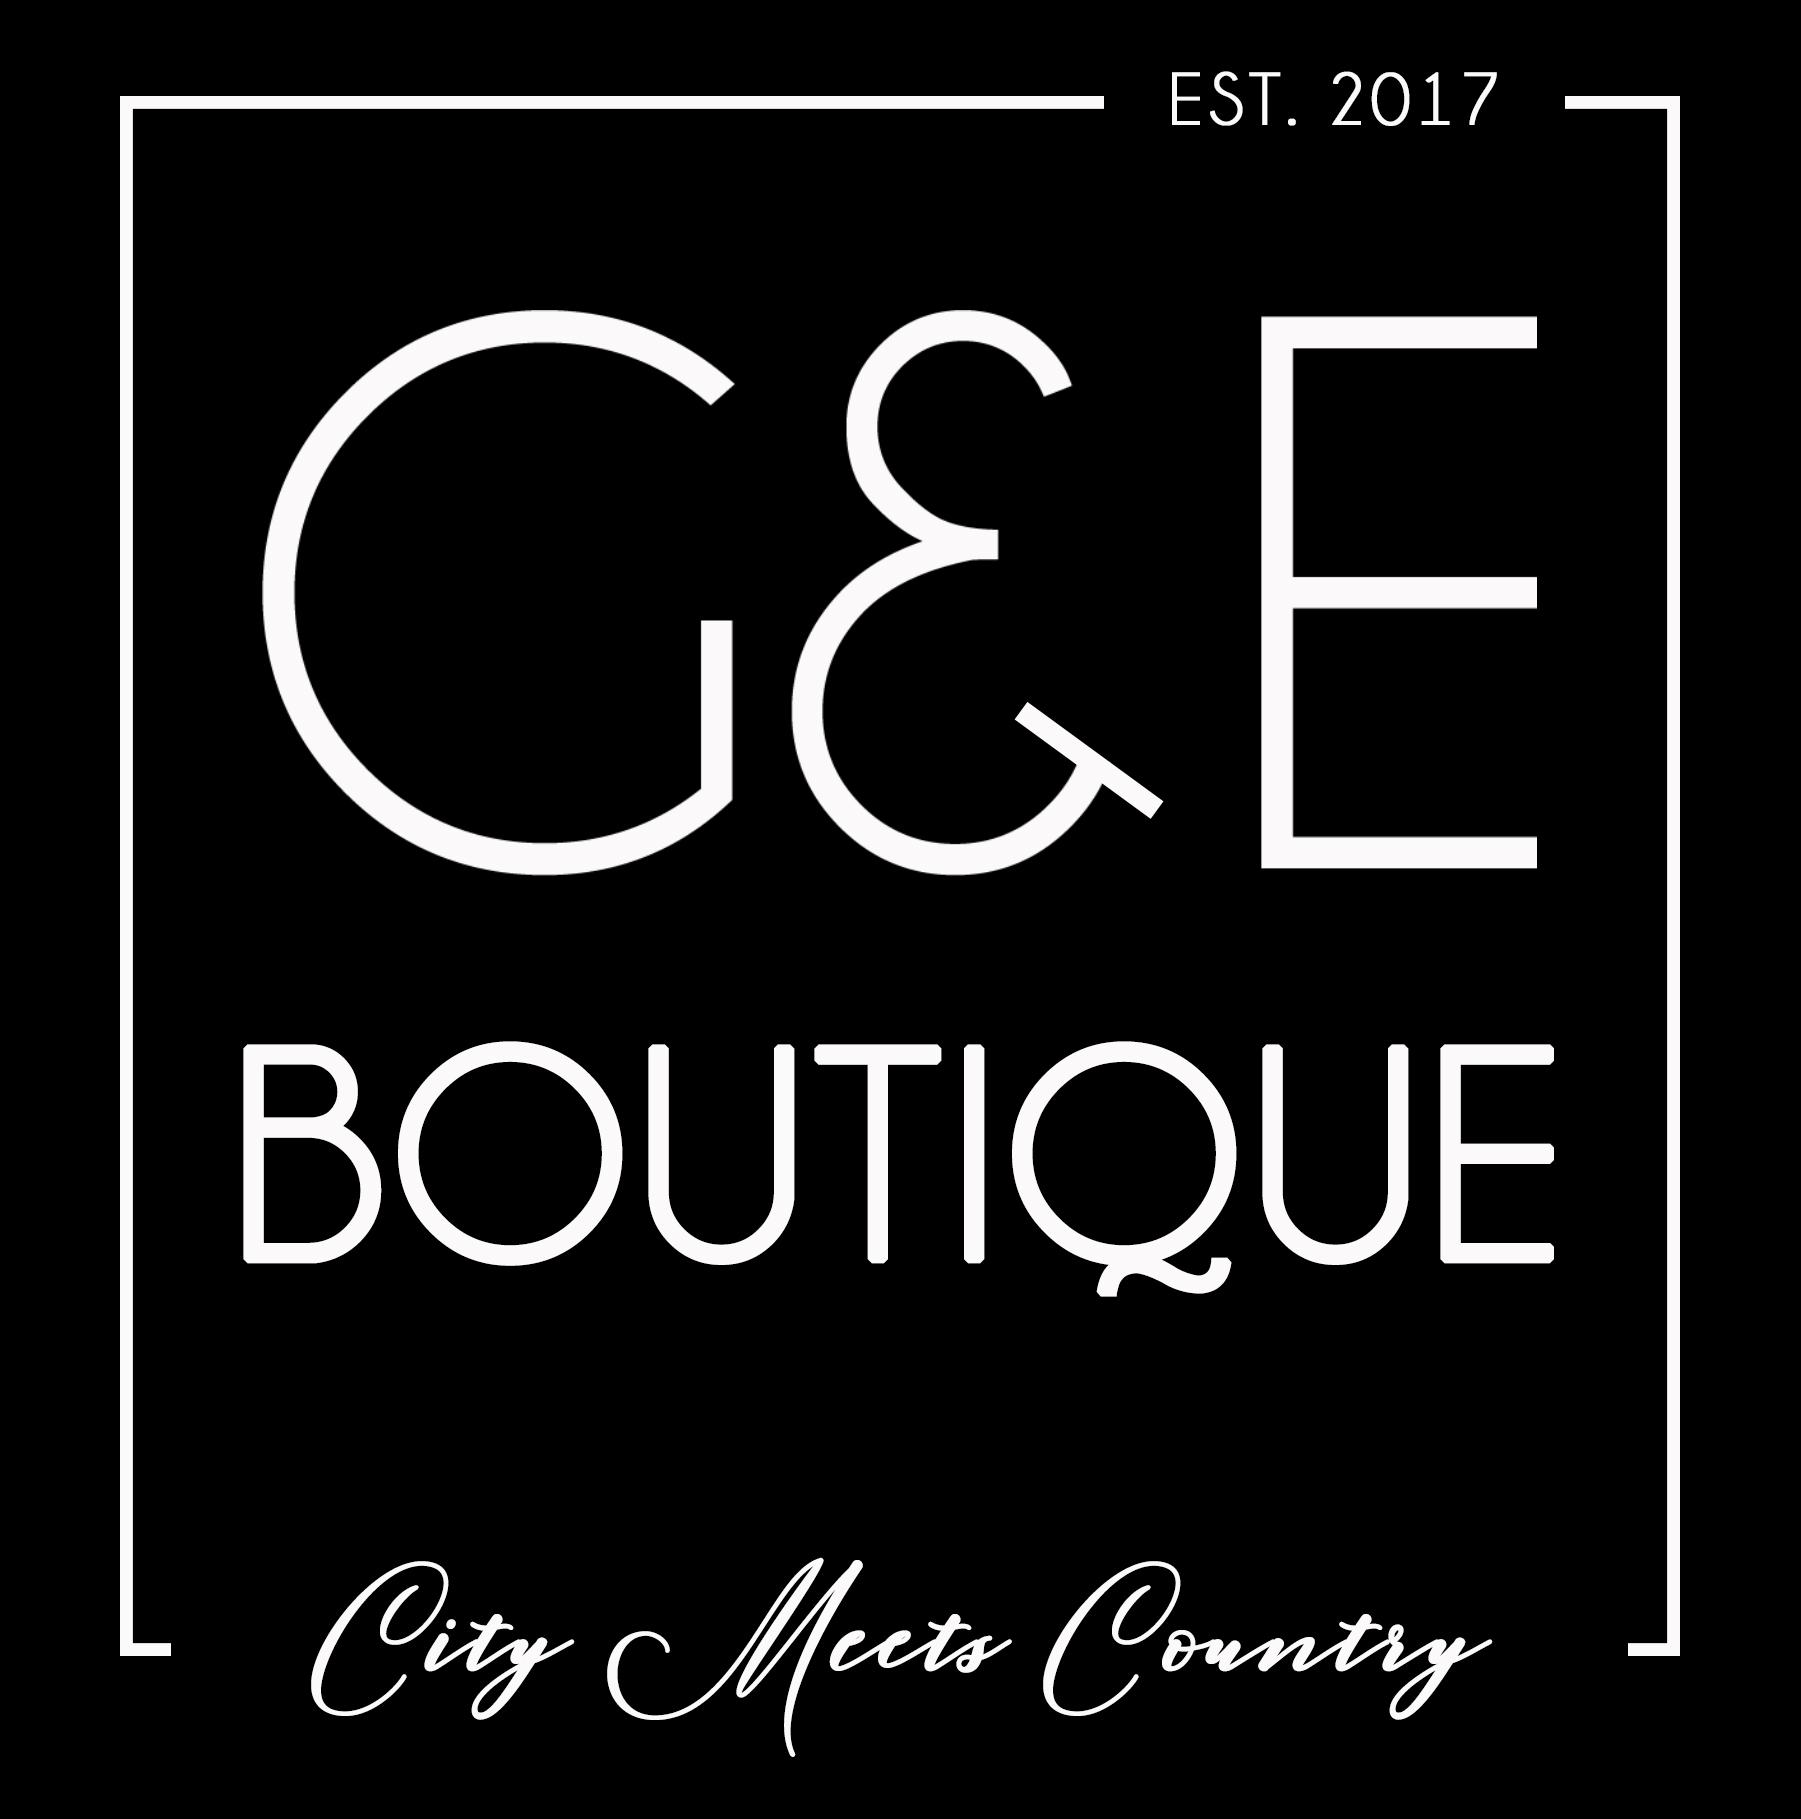 G&E Boutique Square BLK